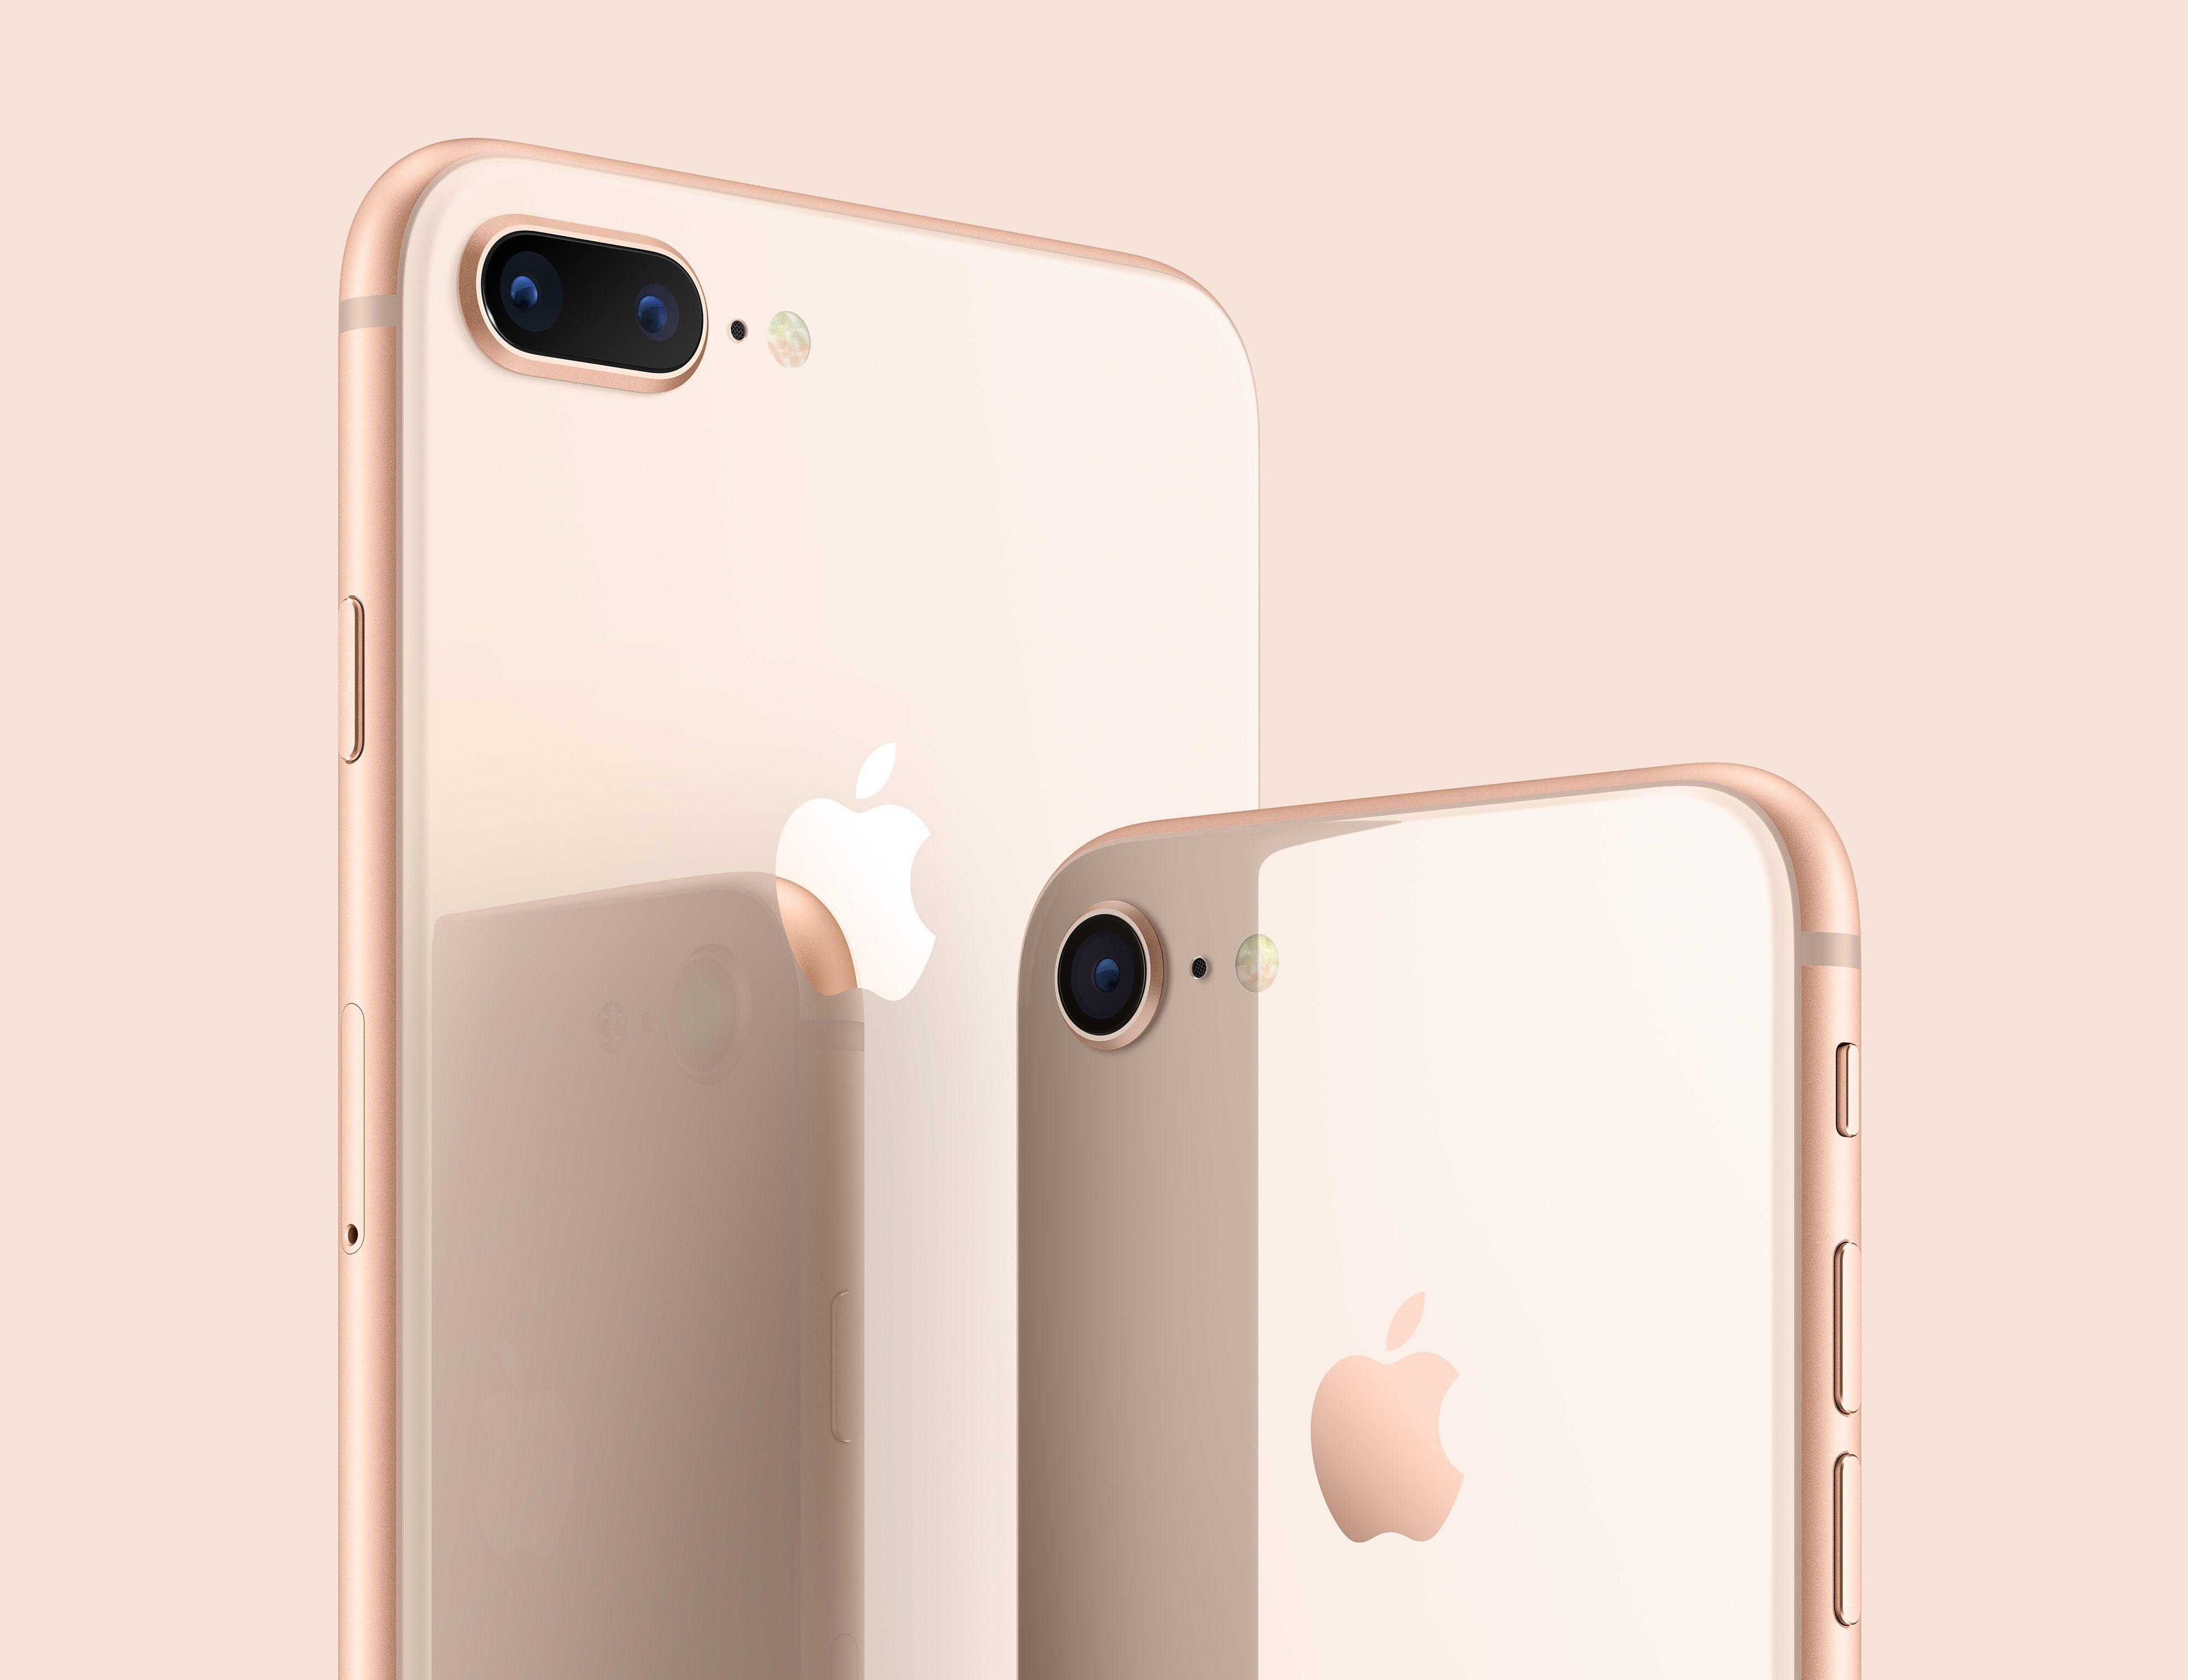 Iphone 8 Plus 256gb Gold Unlocked Apple Iphone Iphone 8 Plus Iphone 8